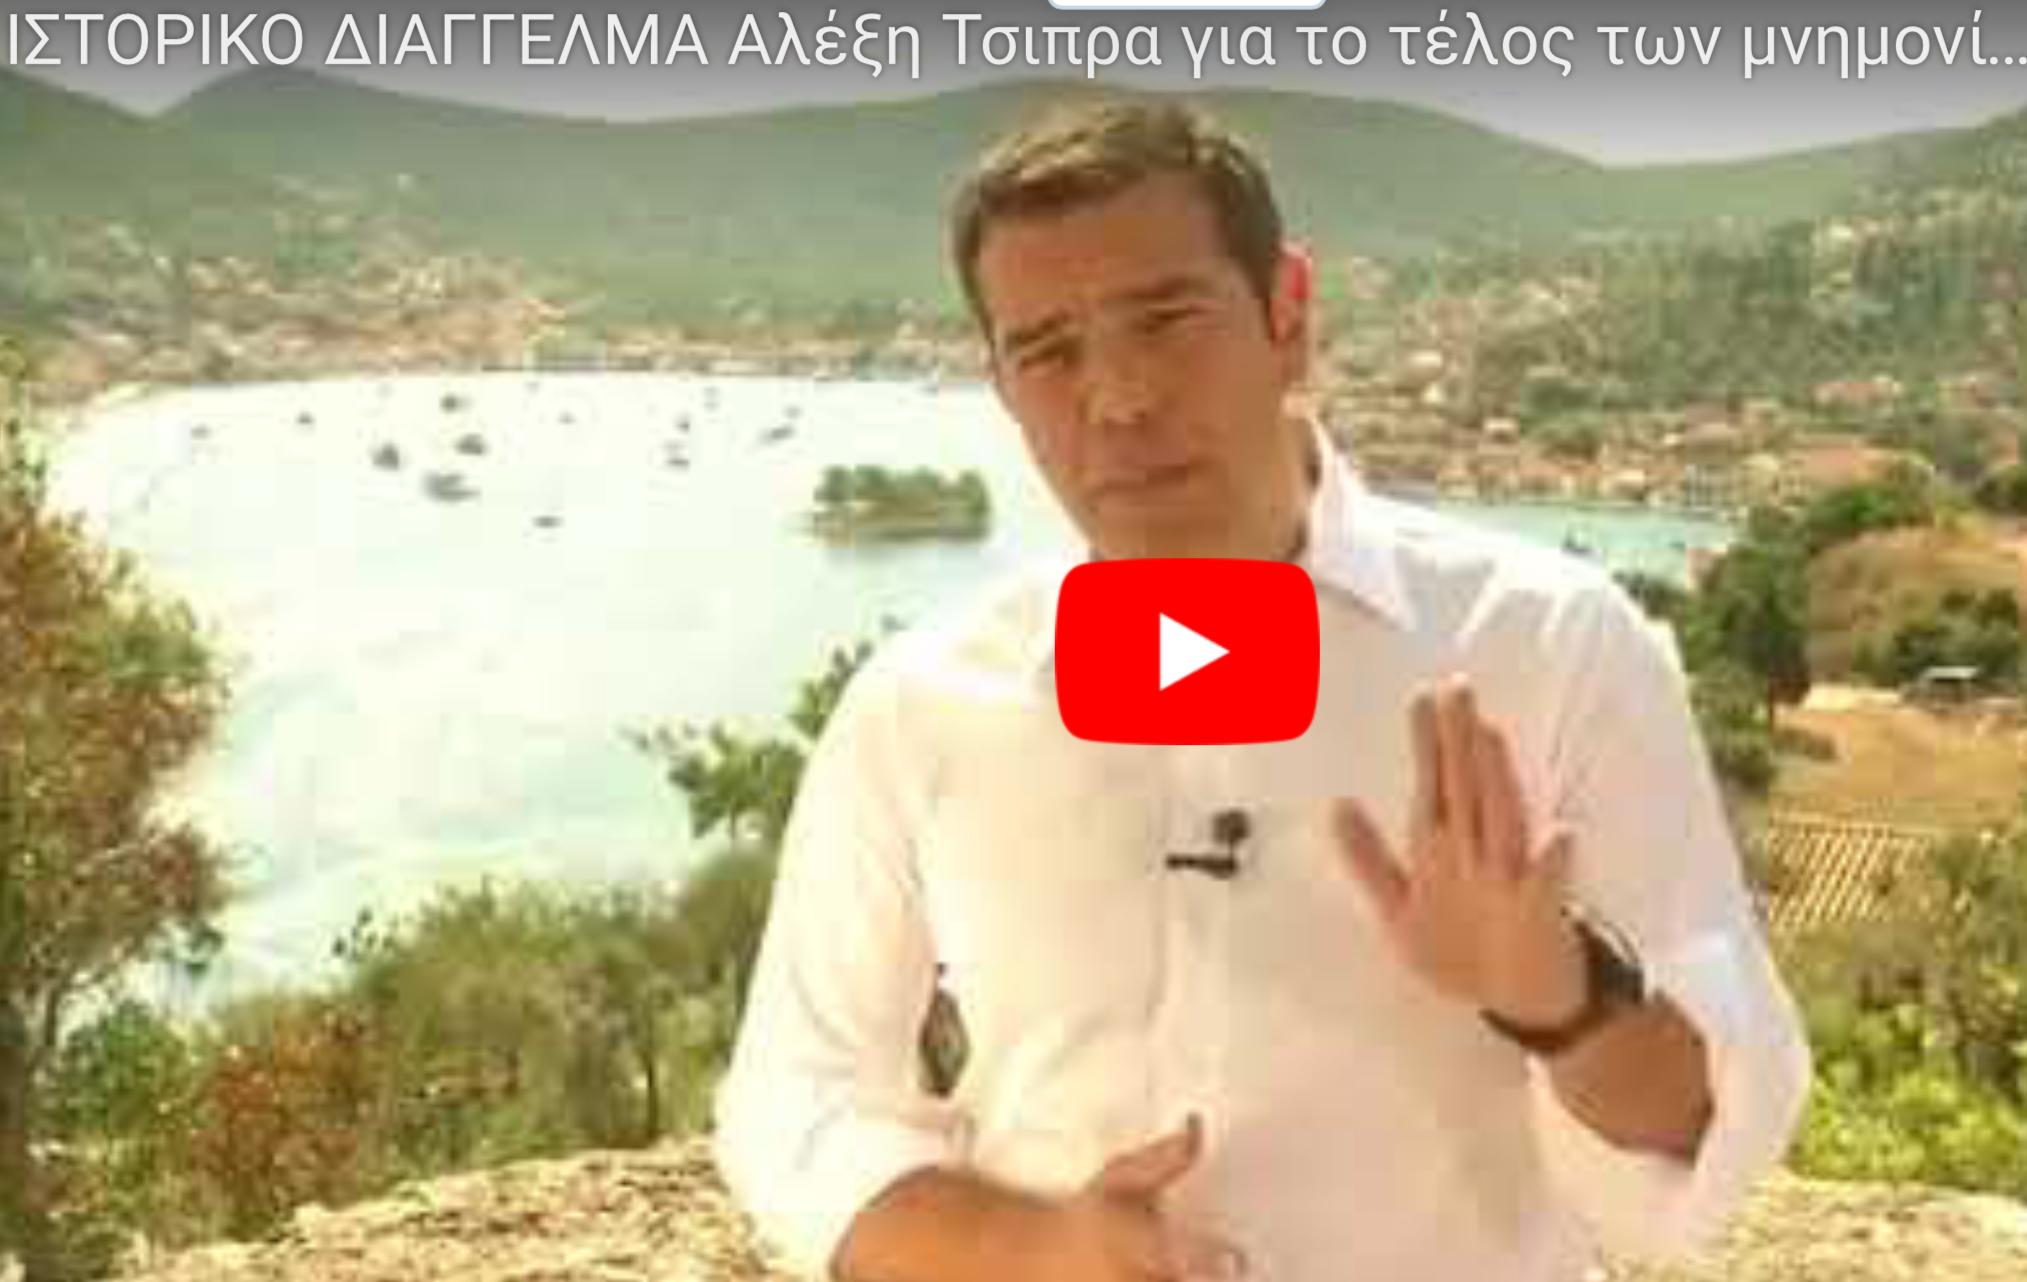 ΤΟ ΙΣΤΟΡΙΚΟ ΔΙΑΓΓΕΛΜΑ Αλέξη Τσιπρα για το τέλος των μνημονίων από την Ιθάκη